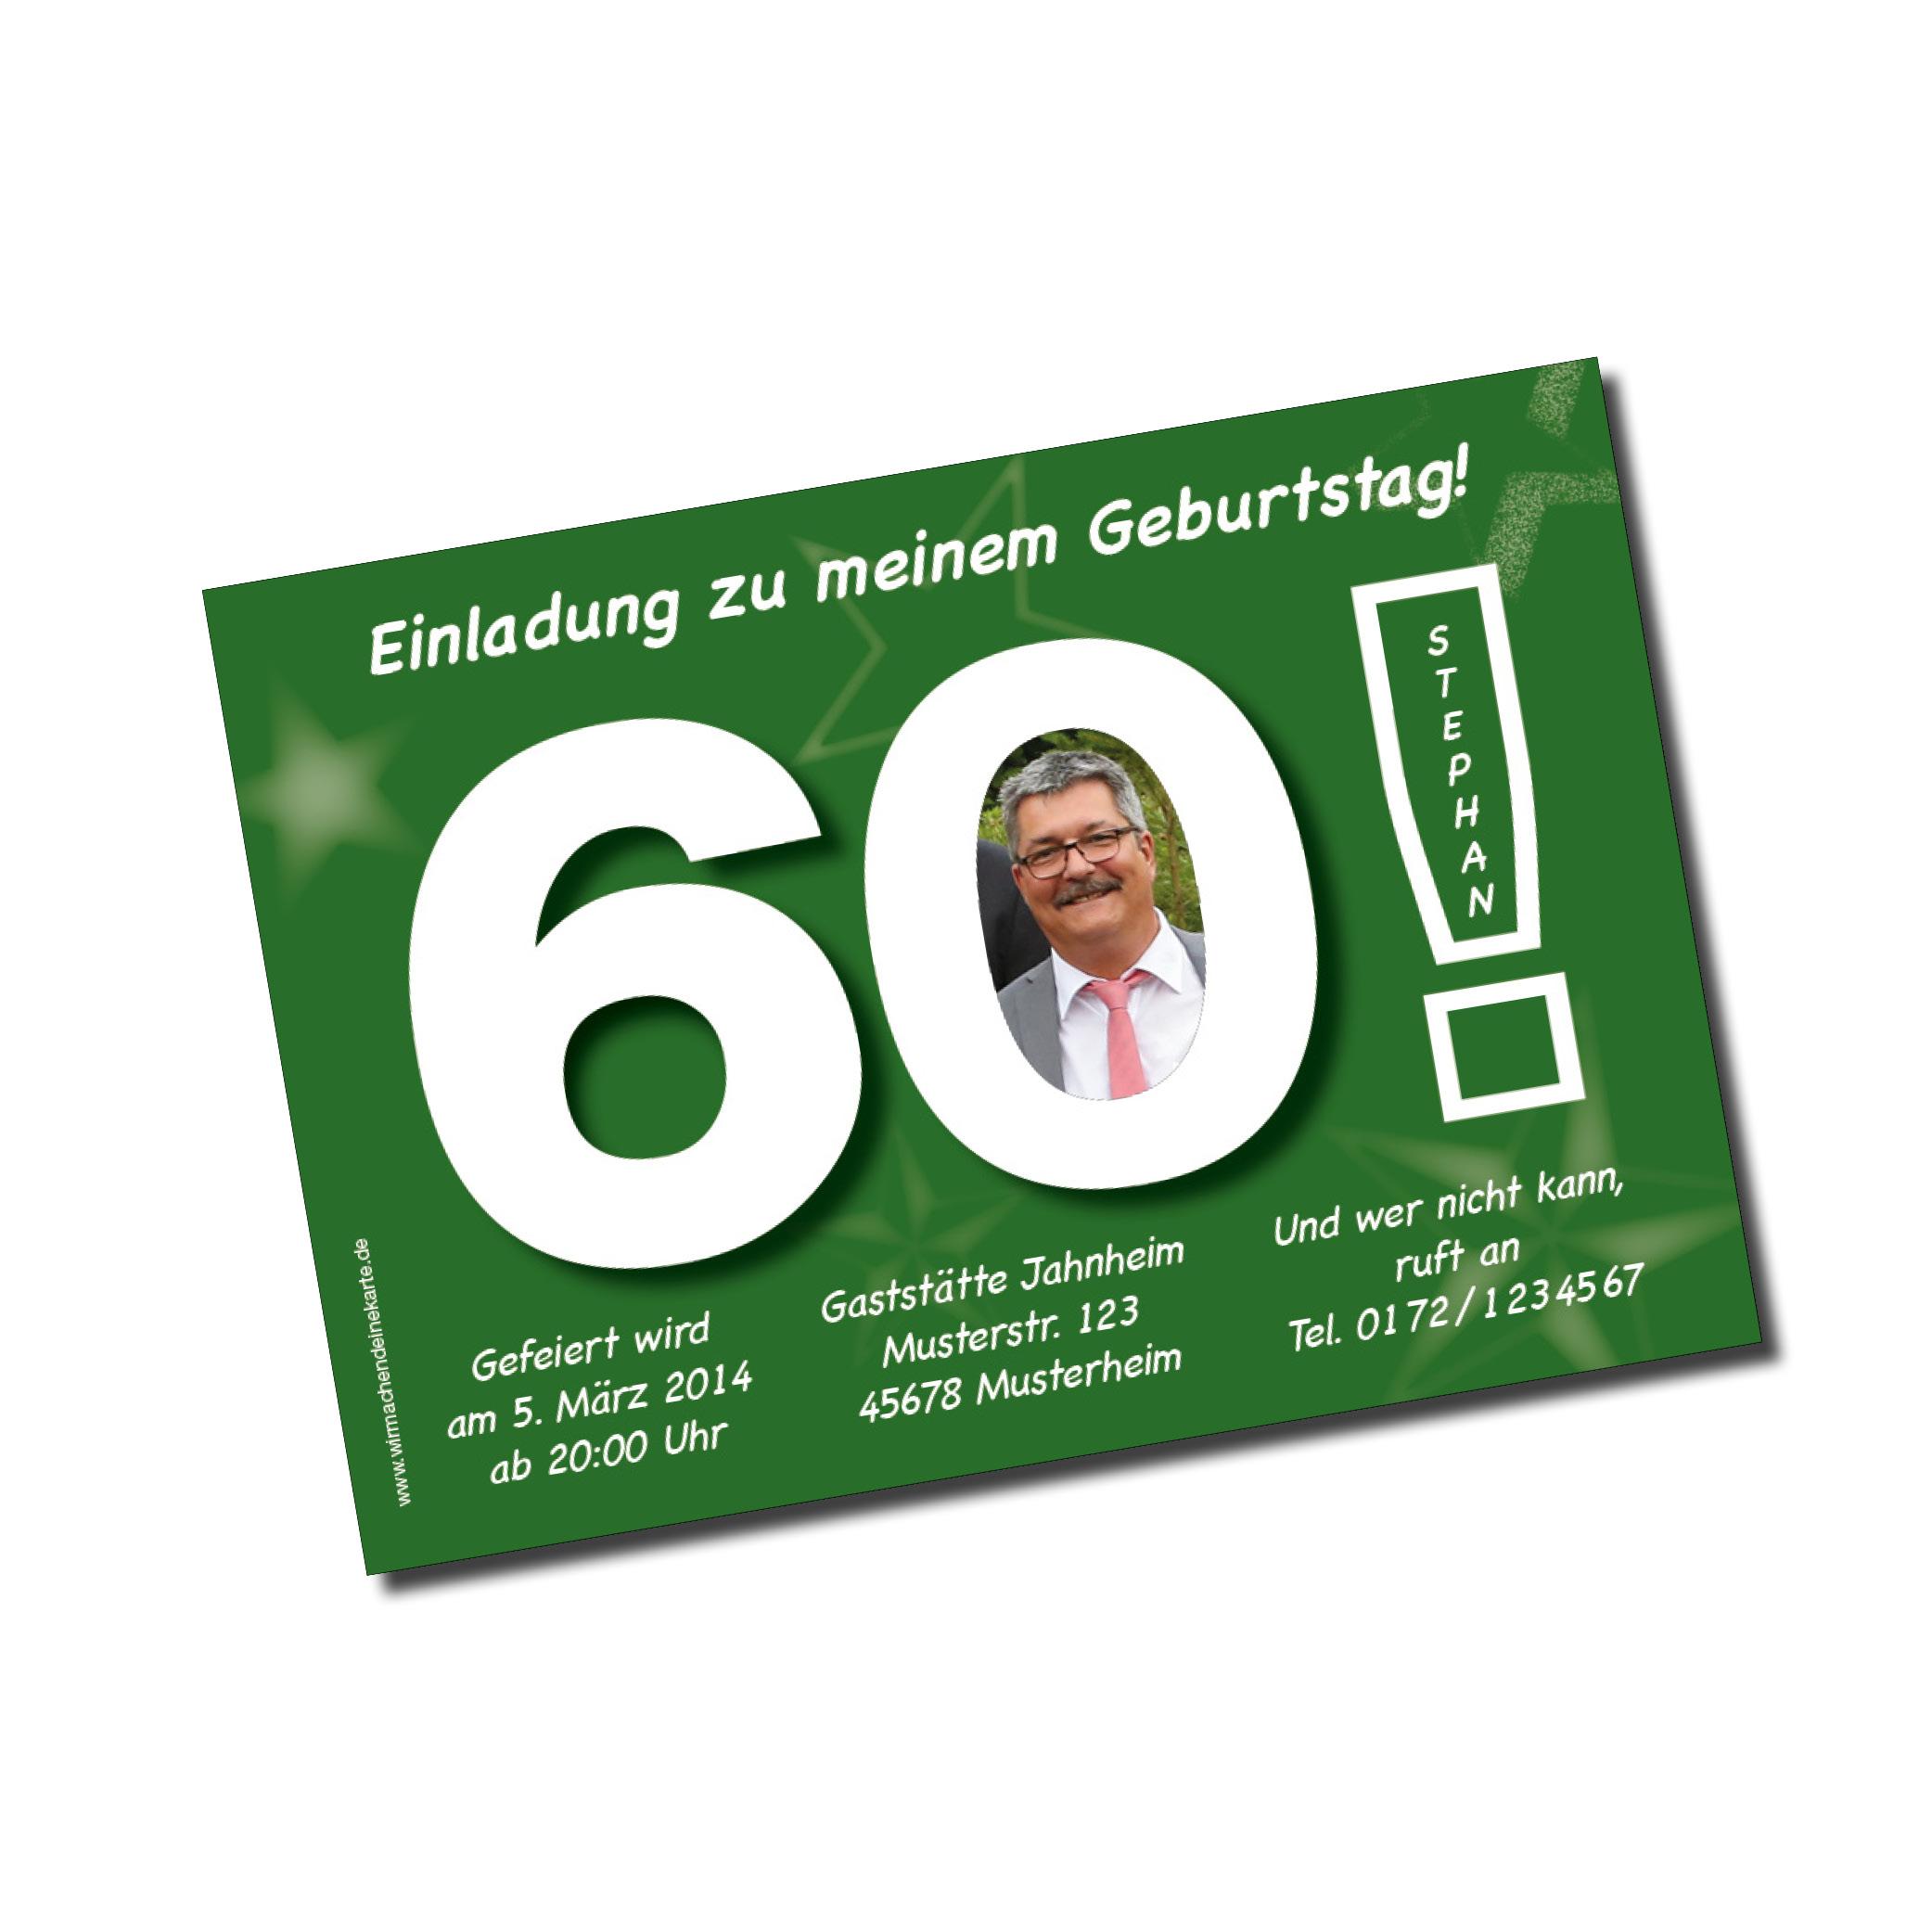 Geburtstag Einladungskarten 60 Geburtstag Große 60 Grün 60